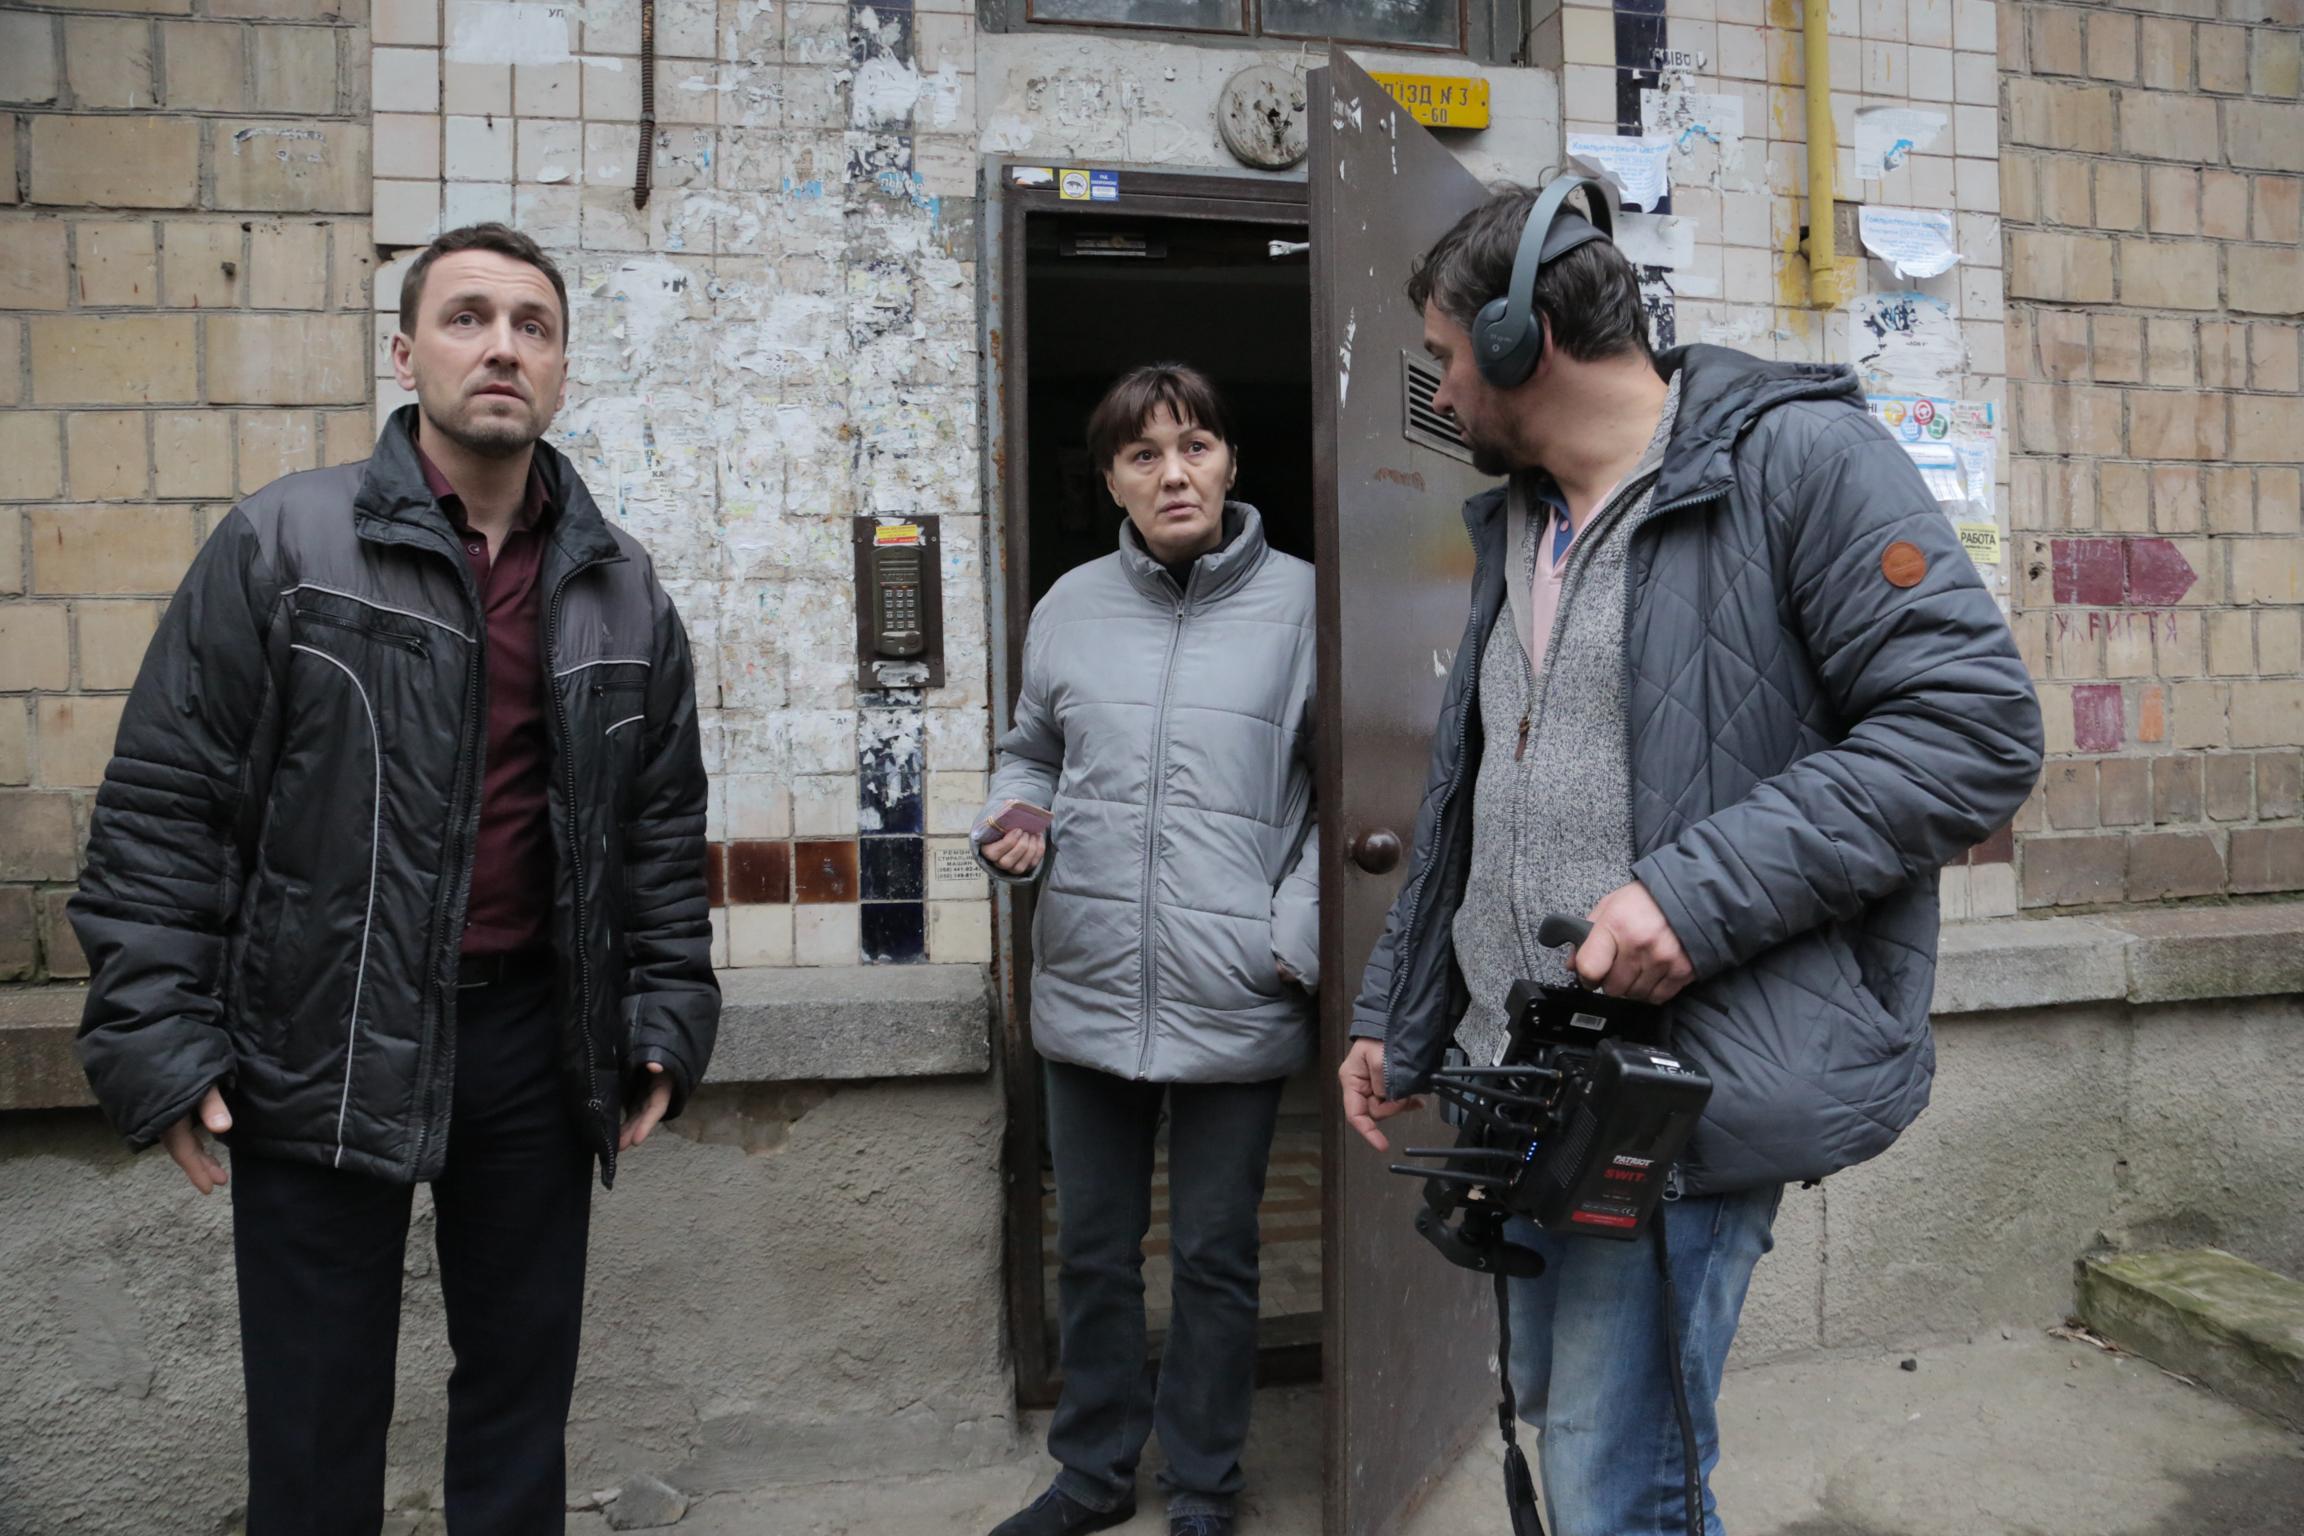 Із зав'язаними очима Тарас Дронь режисер